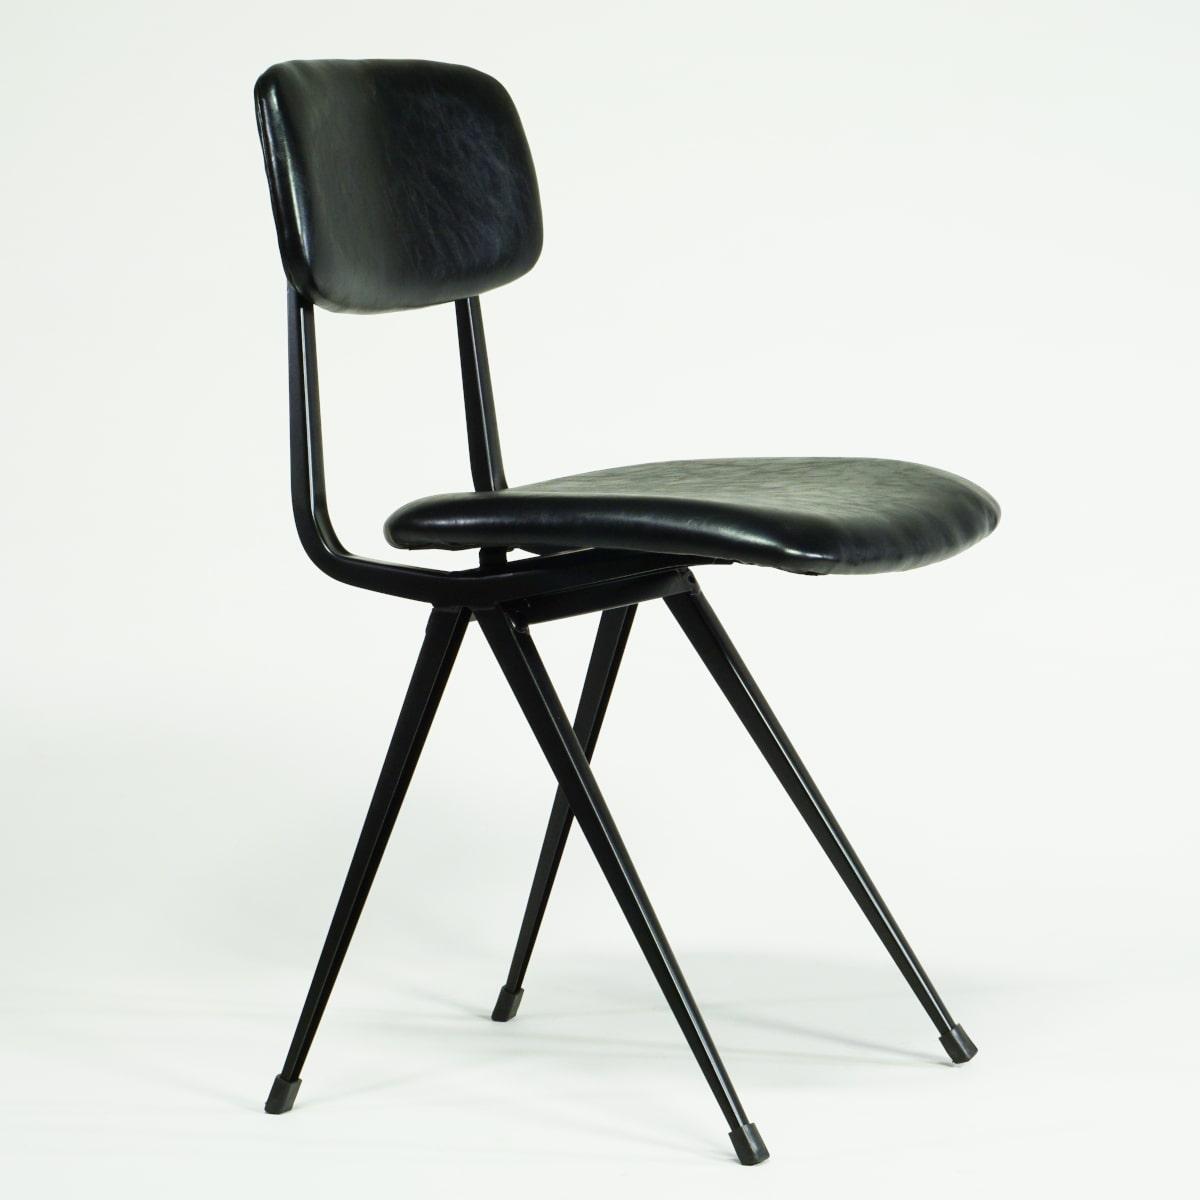 Gepolsterter Stuhl schwarz mit Retro-Charm